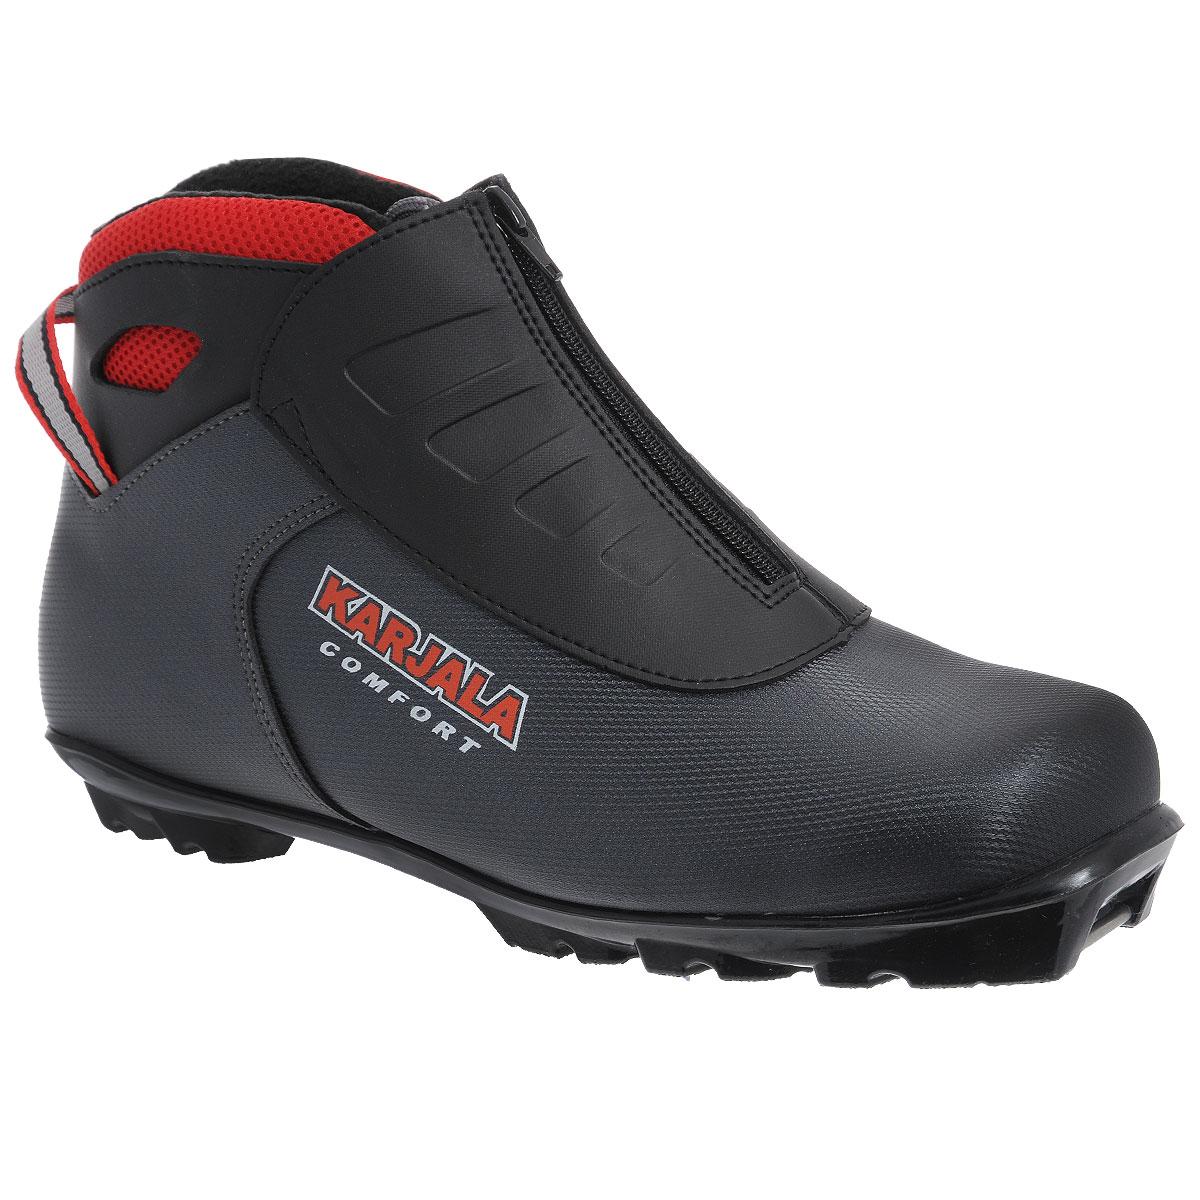 Ботинки для беговых лыж Comfort NNNComfort NNN_серыйБотинки для беговых лыж Comfort NNN предназначены для классического и конькового стилей. Модель изготовлена из влагоустойчивого и морозоустойчивого материала с покрытием PU и имеет текстильную подкладку и стельку из капровелюра, благодаря чему ваши ноги всегда будут в тепле. Вставки в мысовой и пяточной частях обеспечивают дополнительную жесткость, позволяя дольше сохранять первоначальную форму ботинка и предотвращать натирание и наминание стопы. Ботинки снабжены удобной шнуровкой с пластиковыми петлями и внешним защитным гидроизоляционным клапаном с боковой молнией, который защищает от попадания снега и влаги, а также пяточной петлей для удобного надевания. Голеностопный сустав фиксируется пластиковой манжетой с регулируемой липучкой, что позволяет комфортно ощущать себя при езде. Подошва системы NNN из высокотехнологичного термопластика совместима с креплением аналогичной системы и позволяет использовать крепление с широкой базой для большей устойчивости, а также имеет...